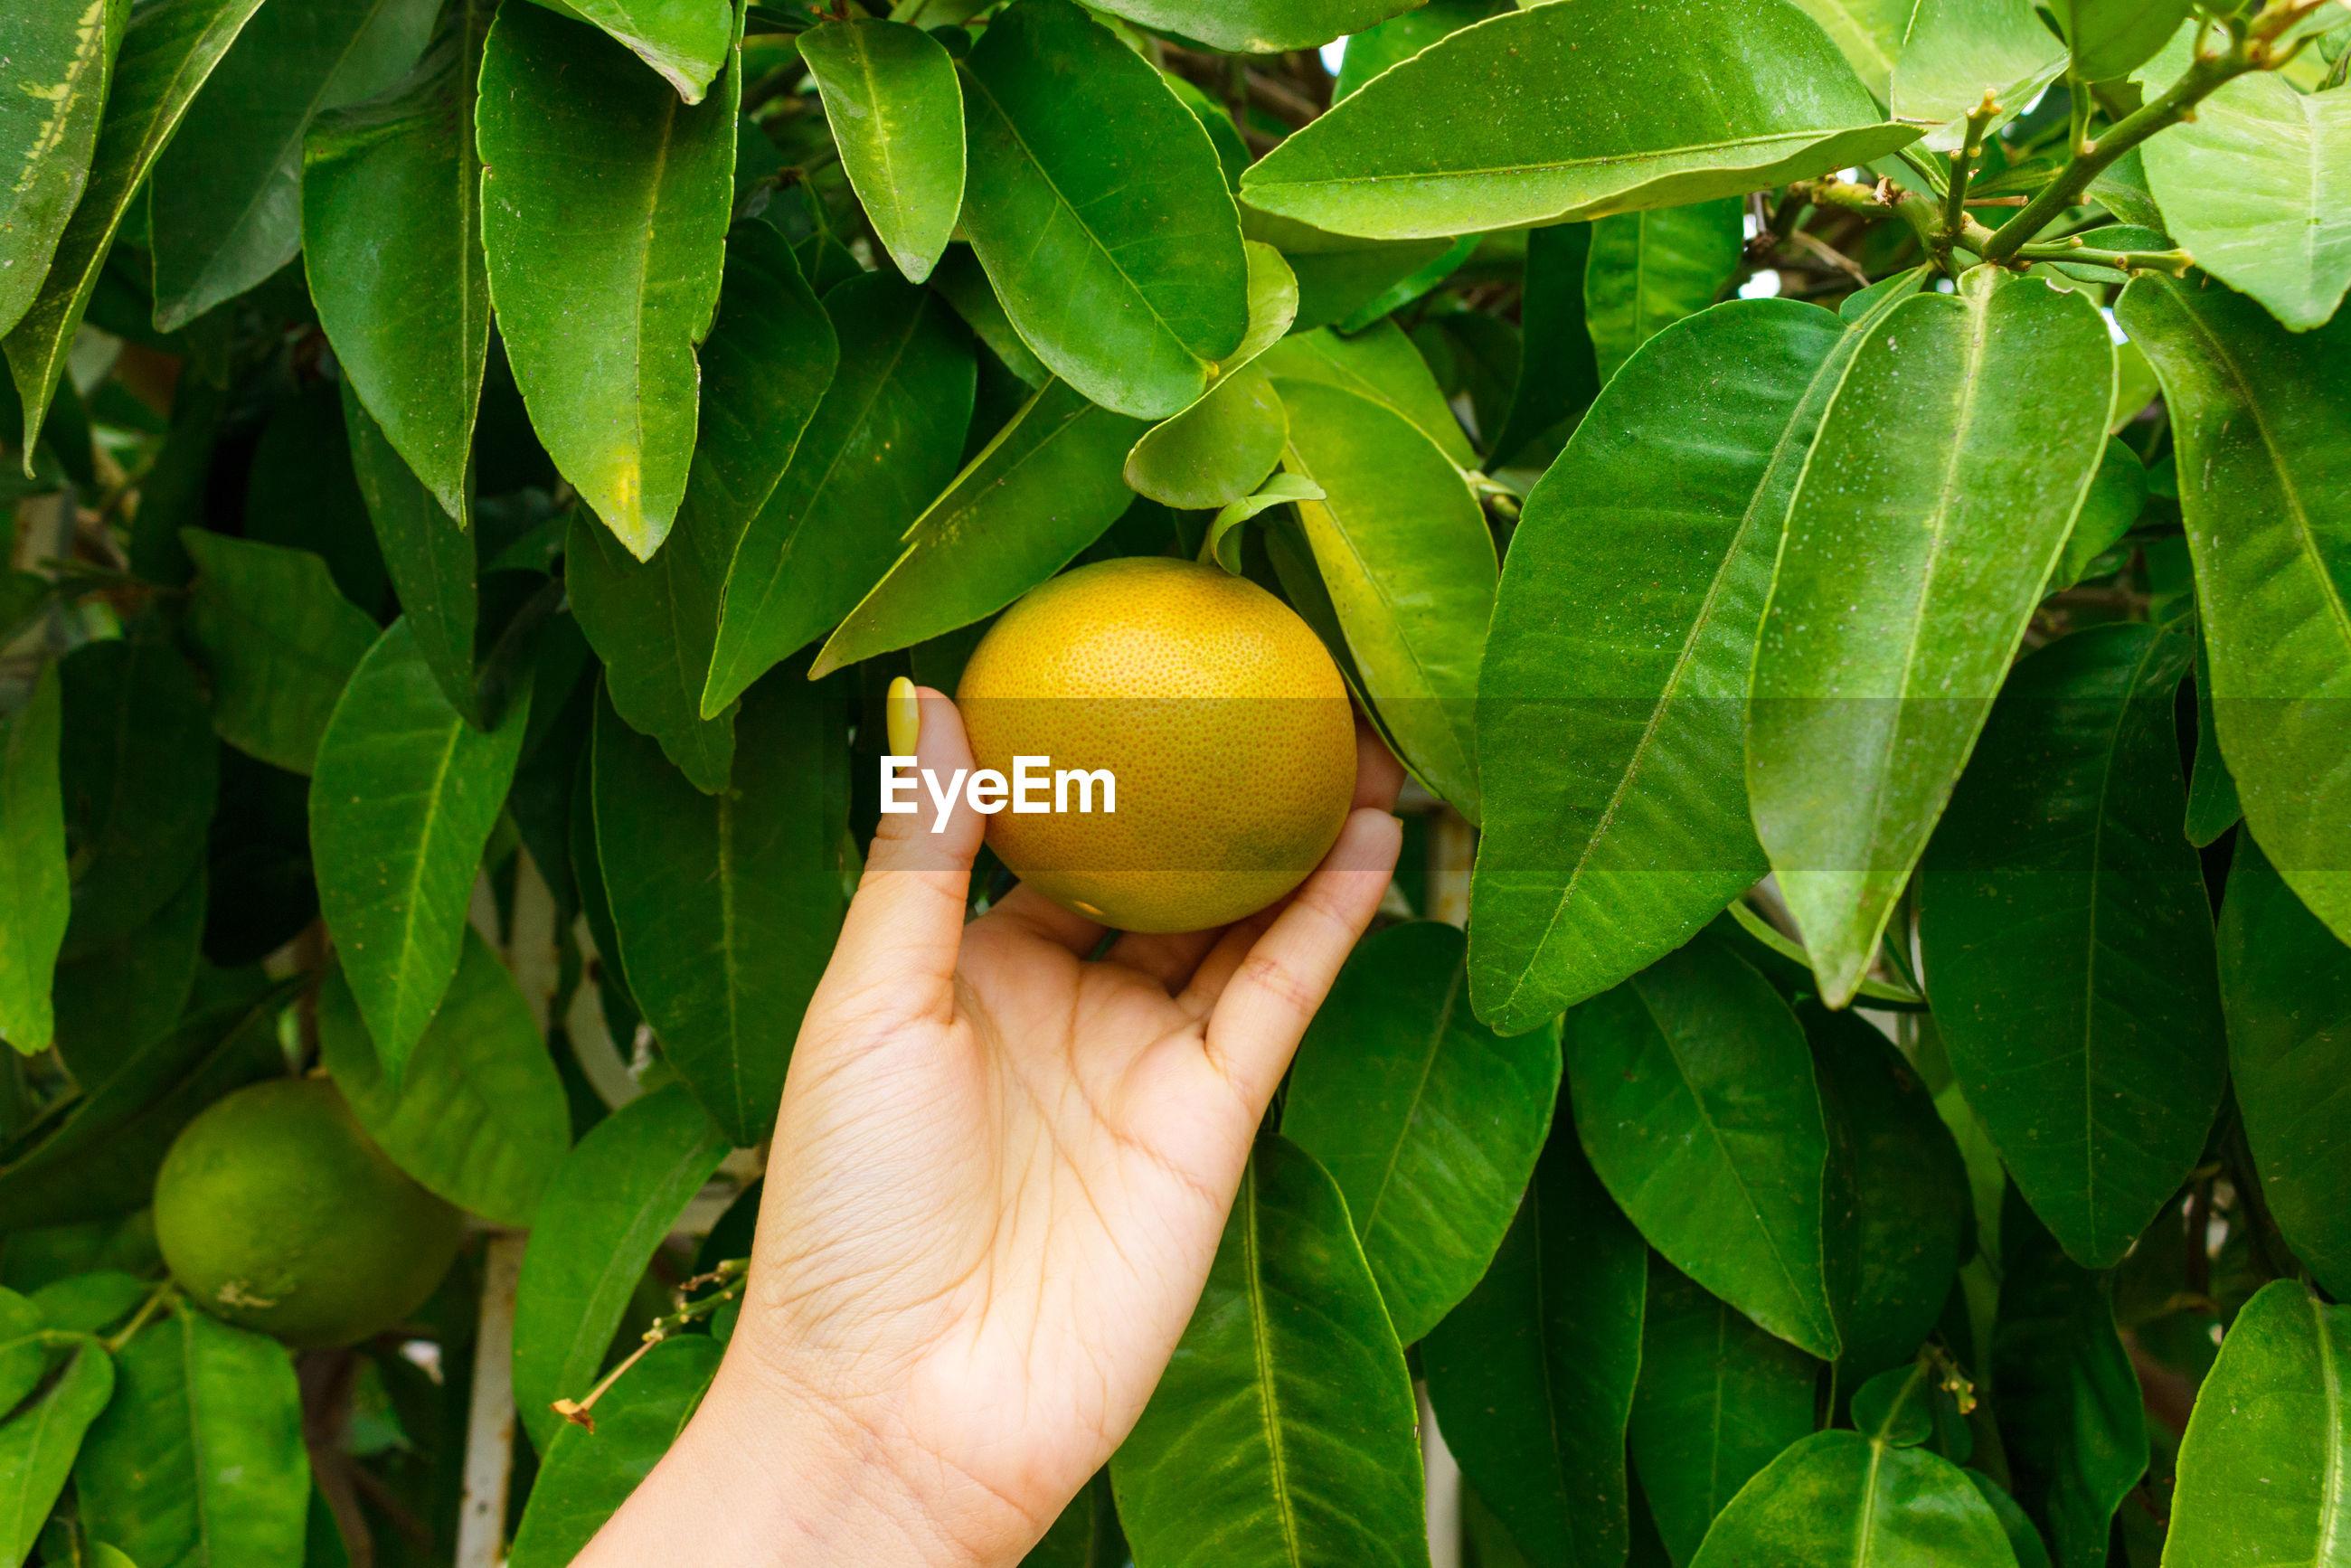 Cropped image of hand holding fruit on orange tree